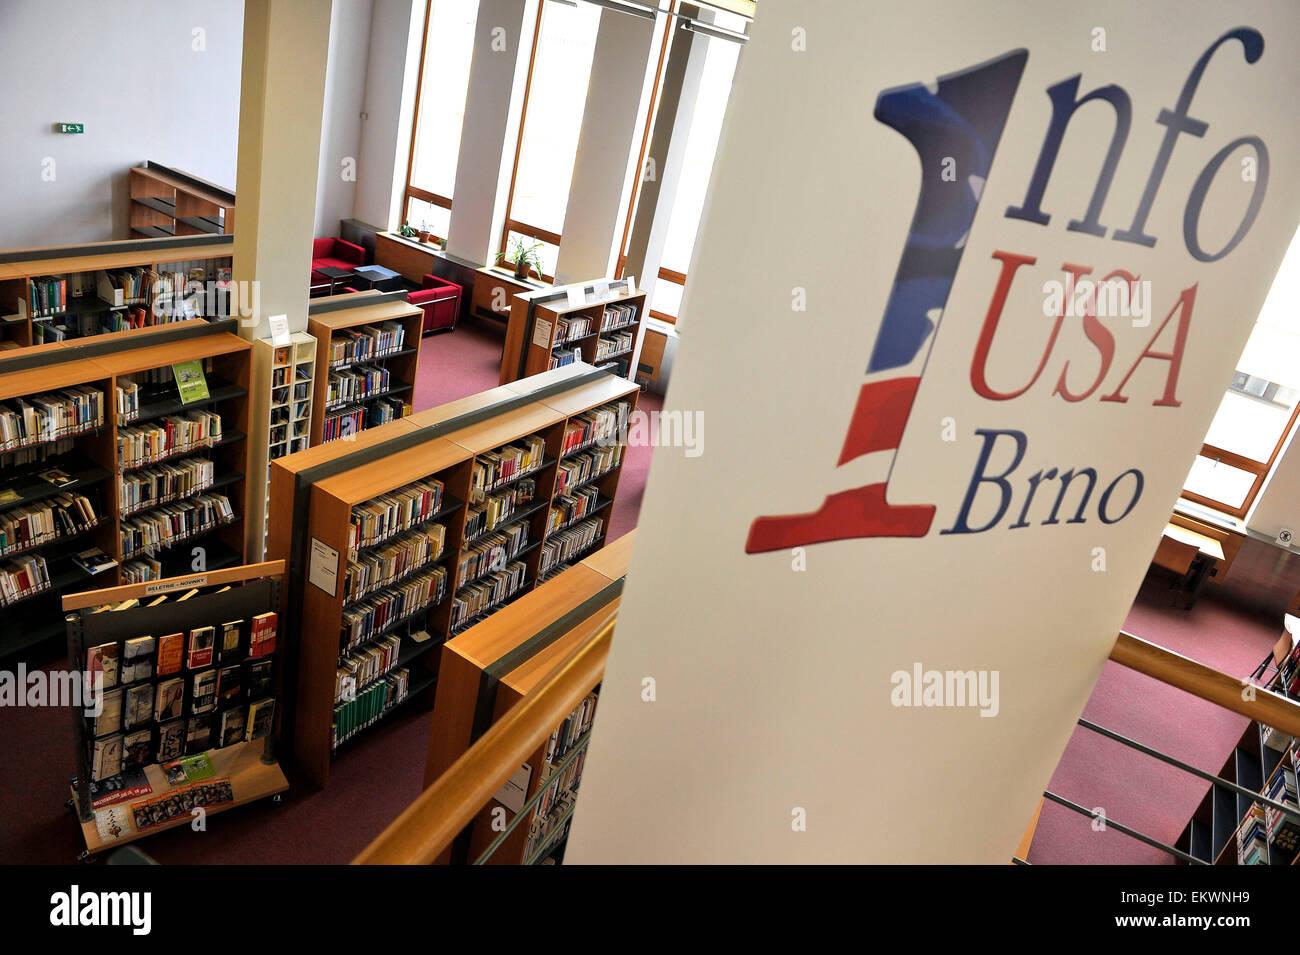 Info Usa Library Stock Photos & Info Usa Library Stock